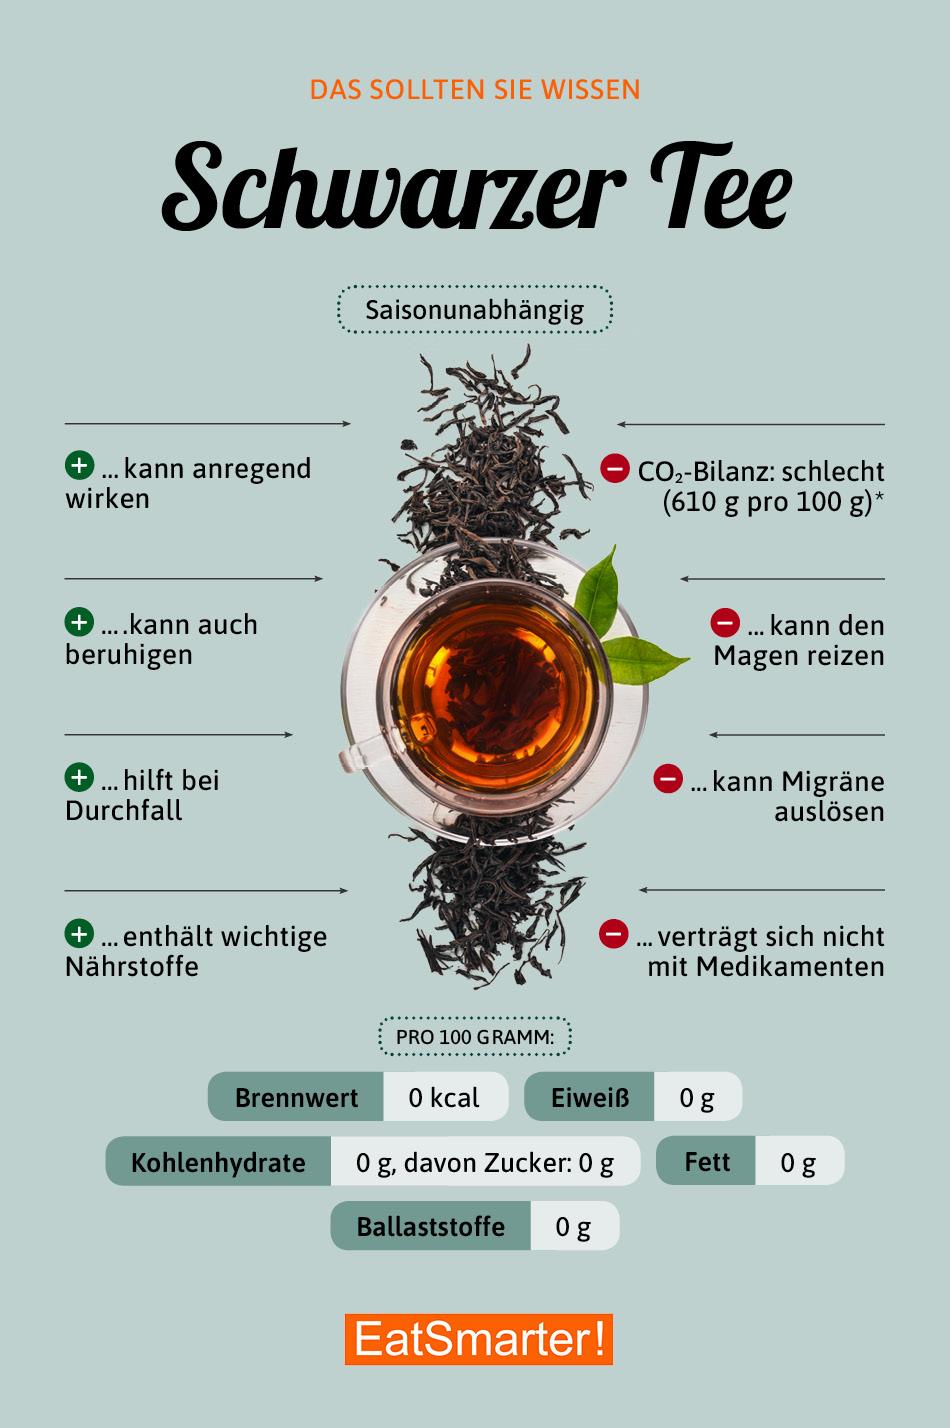 Schwarzer Tee Durchfall